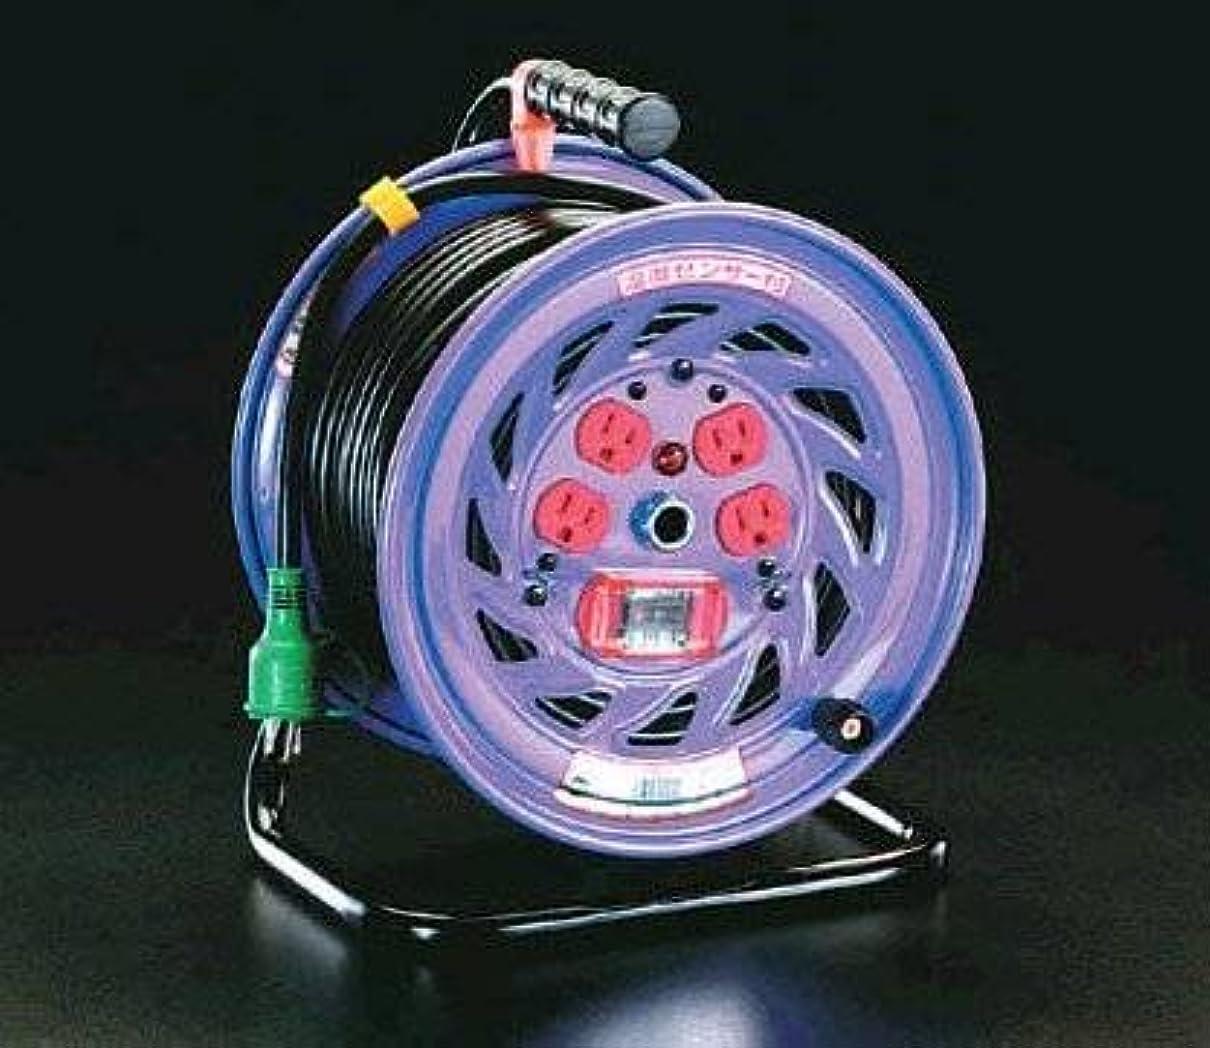 スタック挽く自分を引き上げるエスコ AC100V/15A/30mコードリール(過負荷漏電遮断付) EA815DK-30